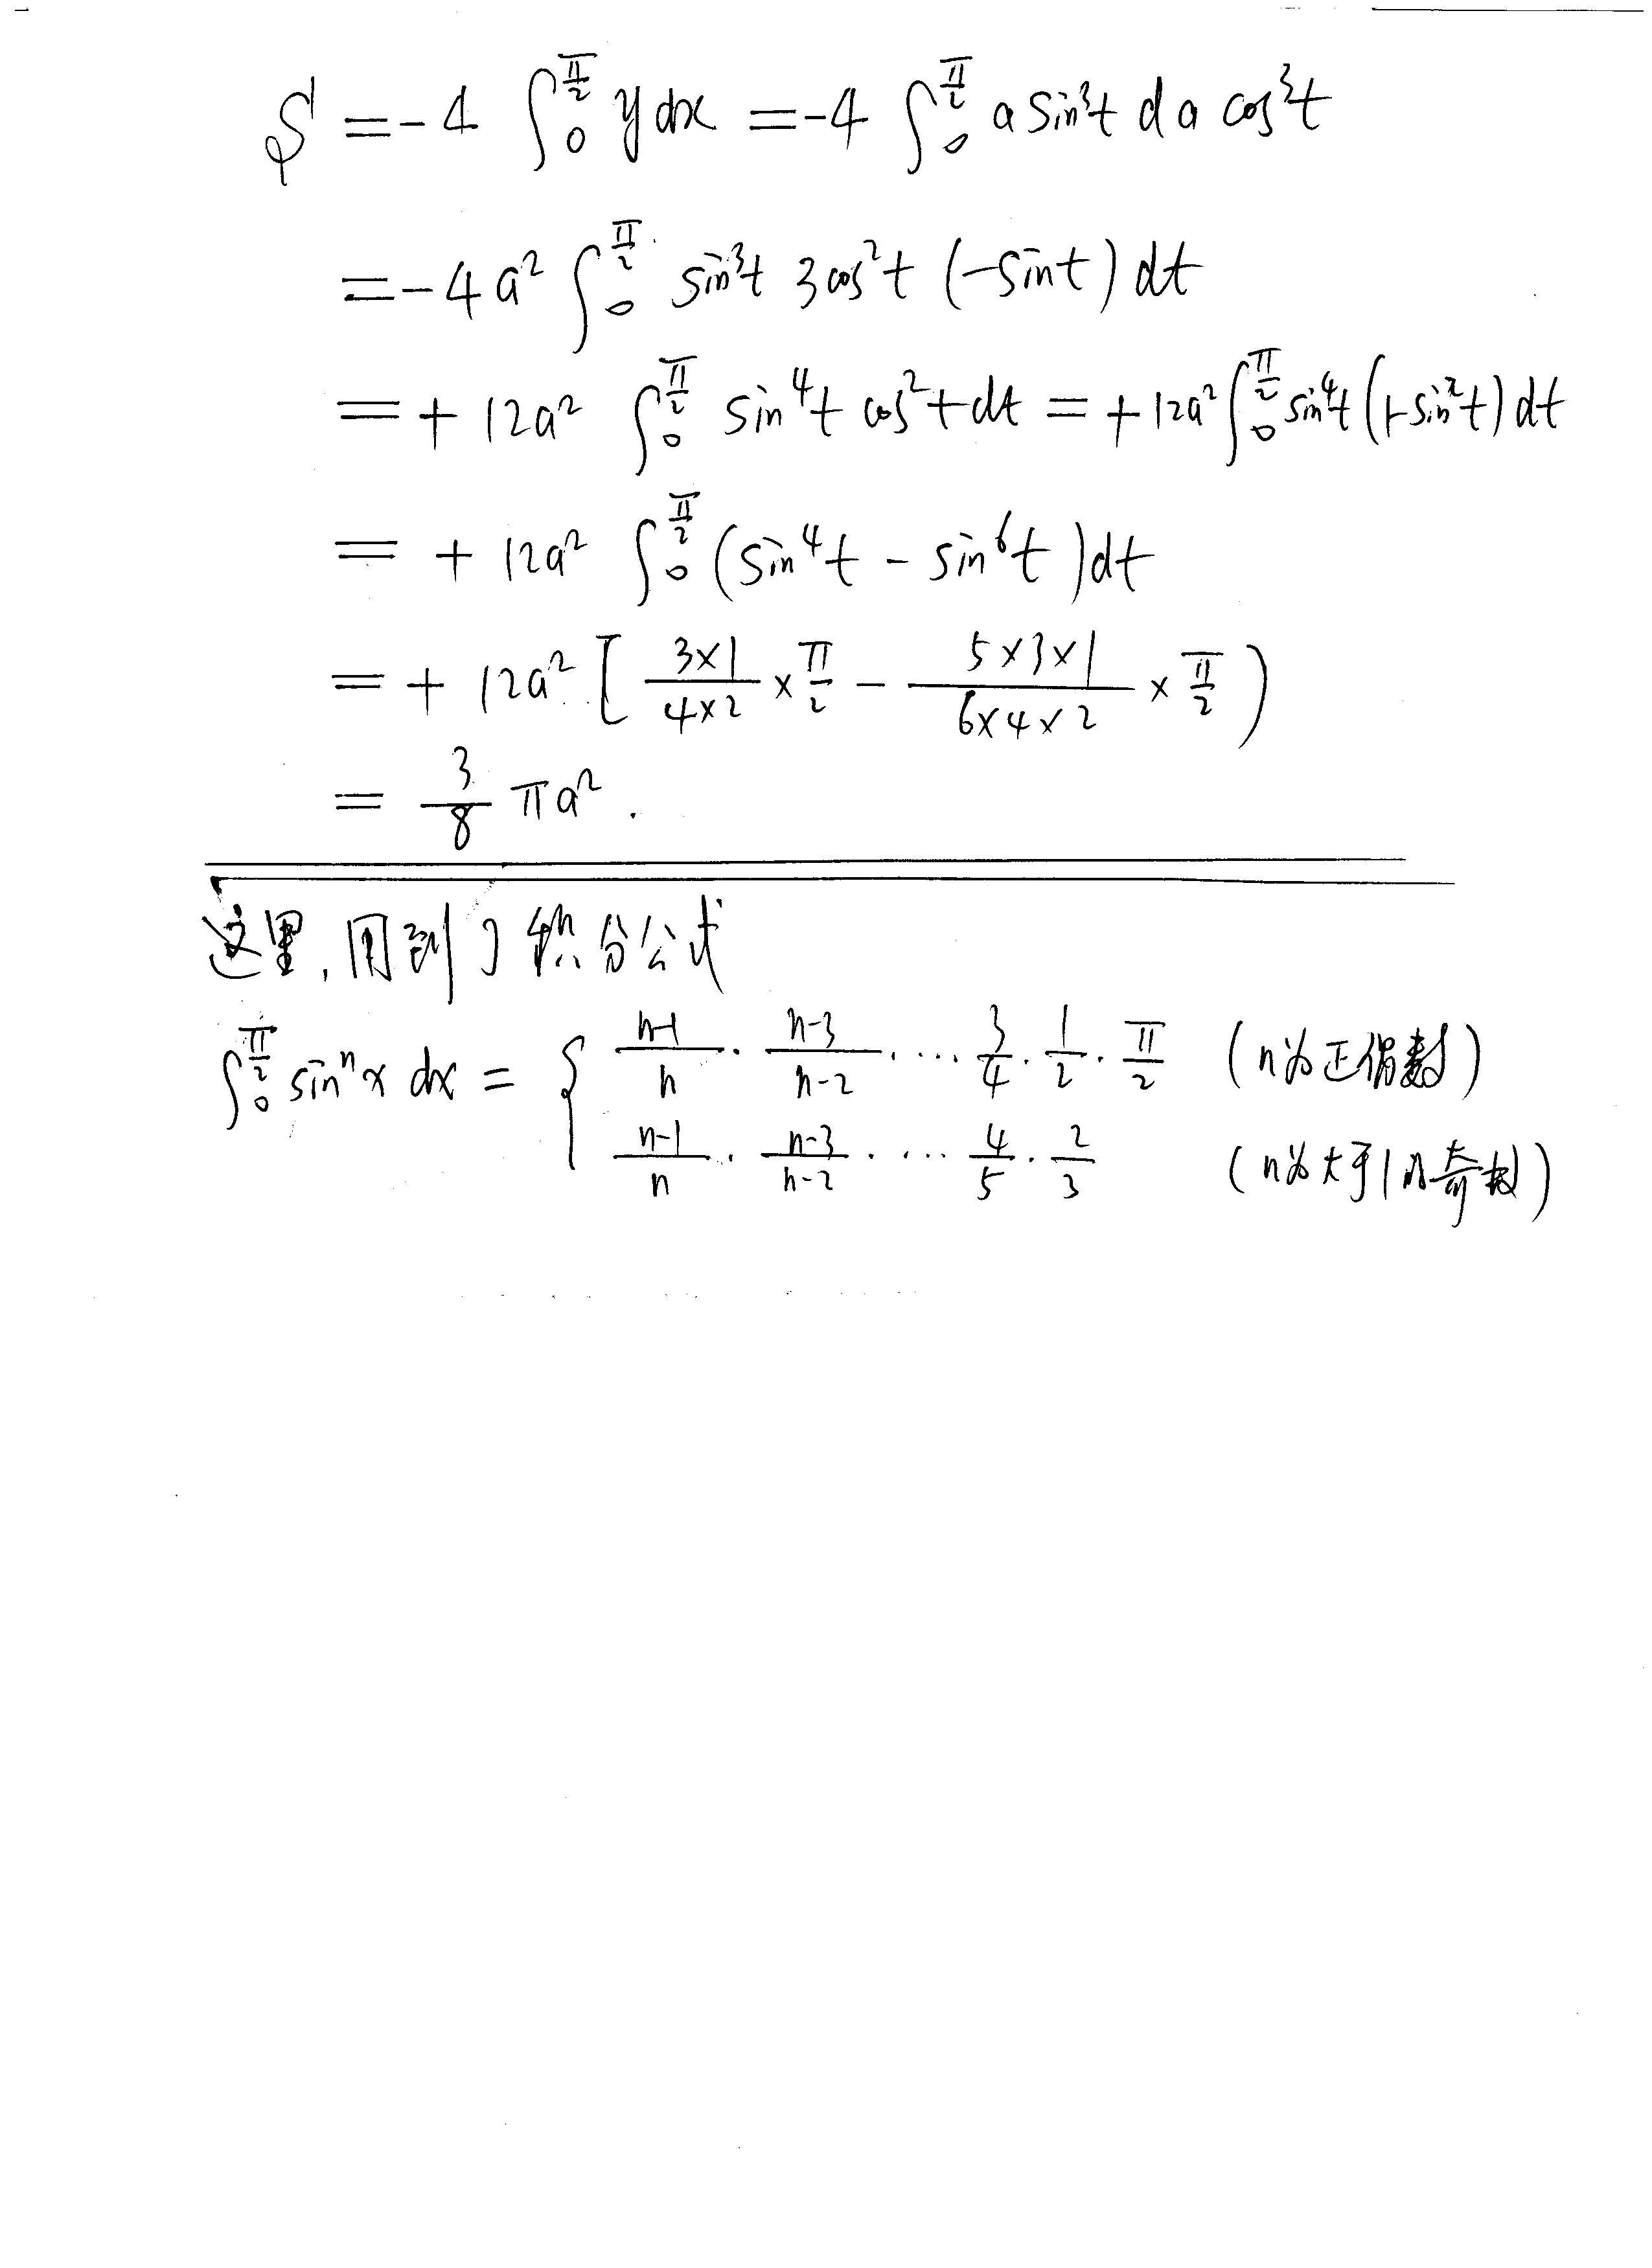 横坐标是x还是y